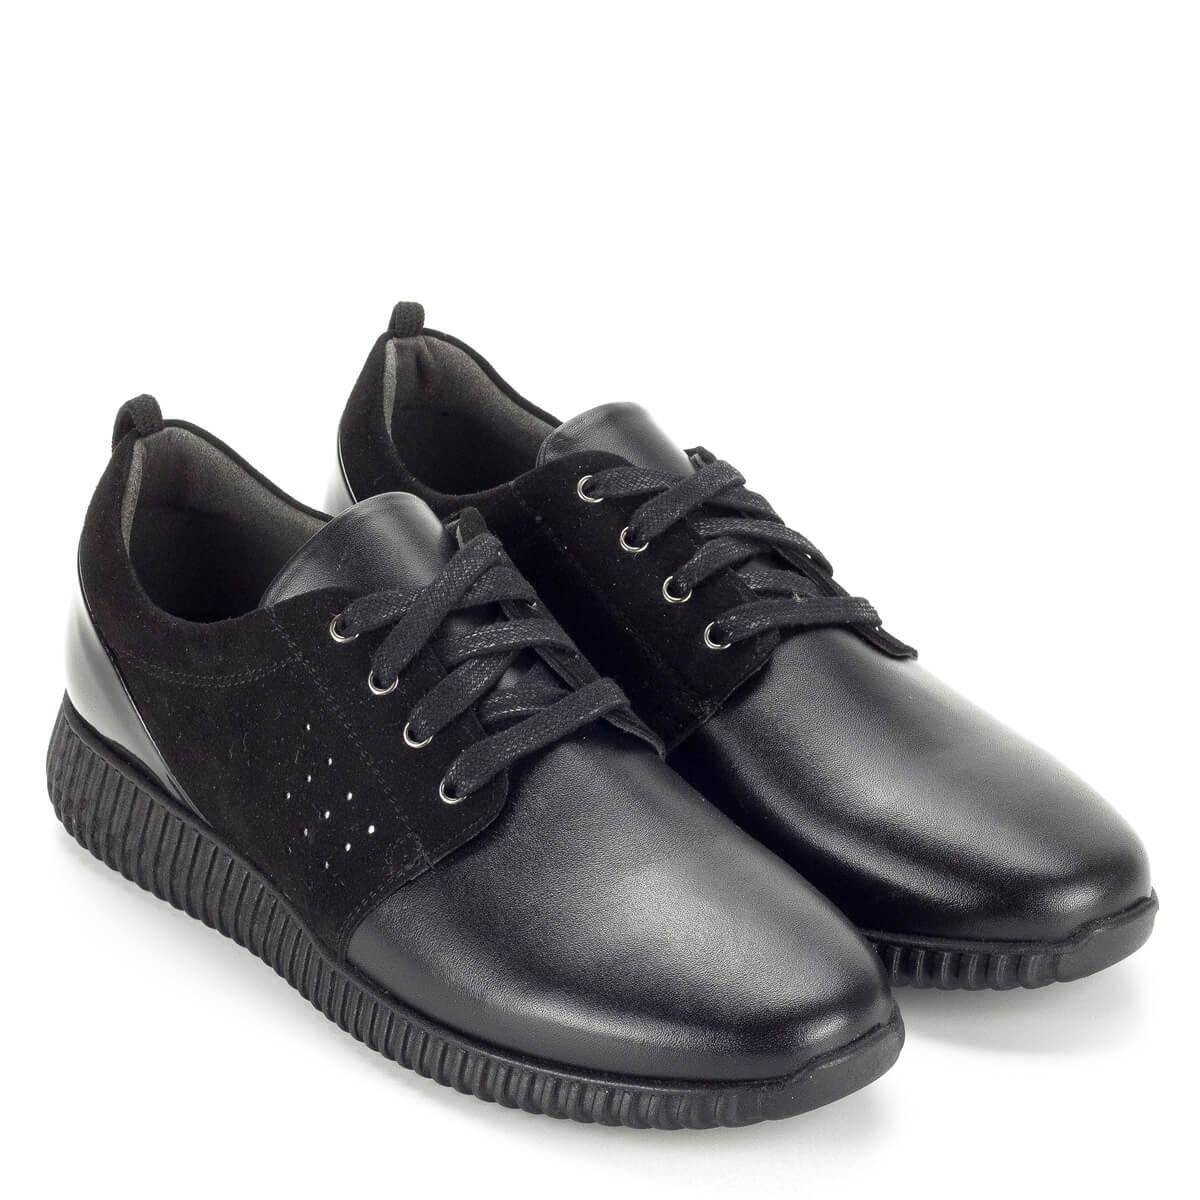 Baldaccini fekete fűzős női cipő bőrből 3b28c23026